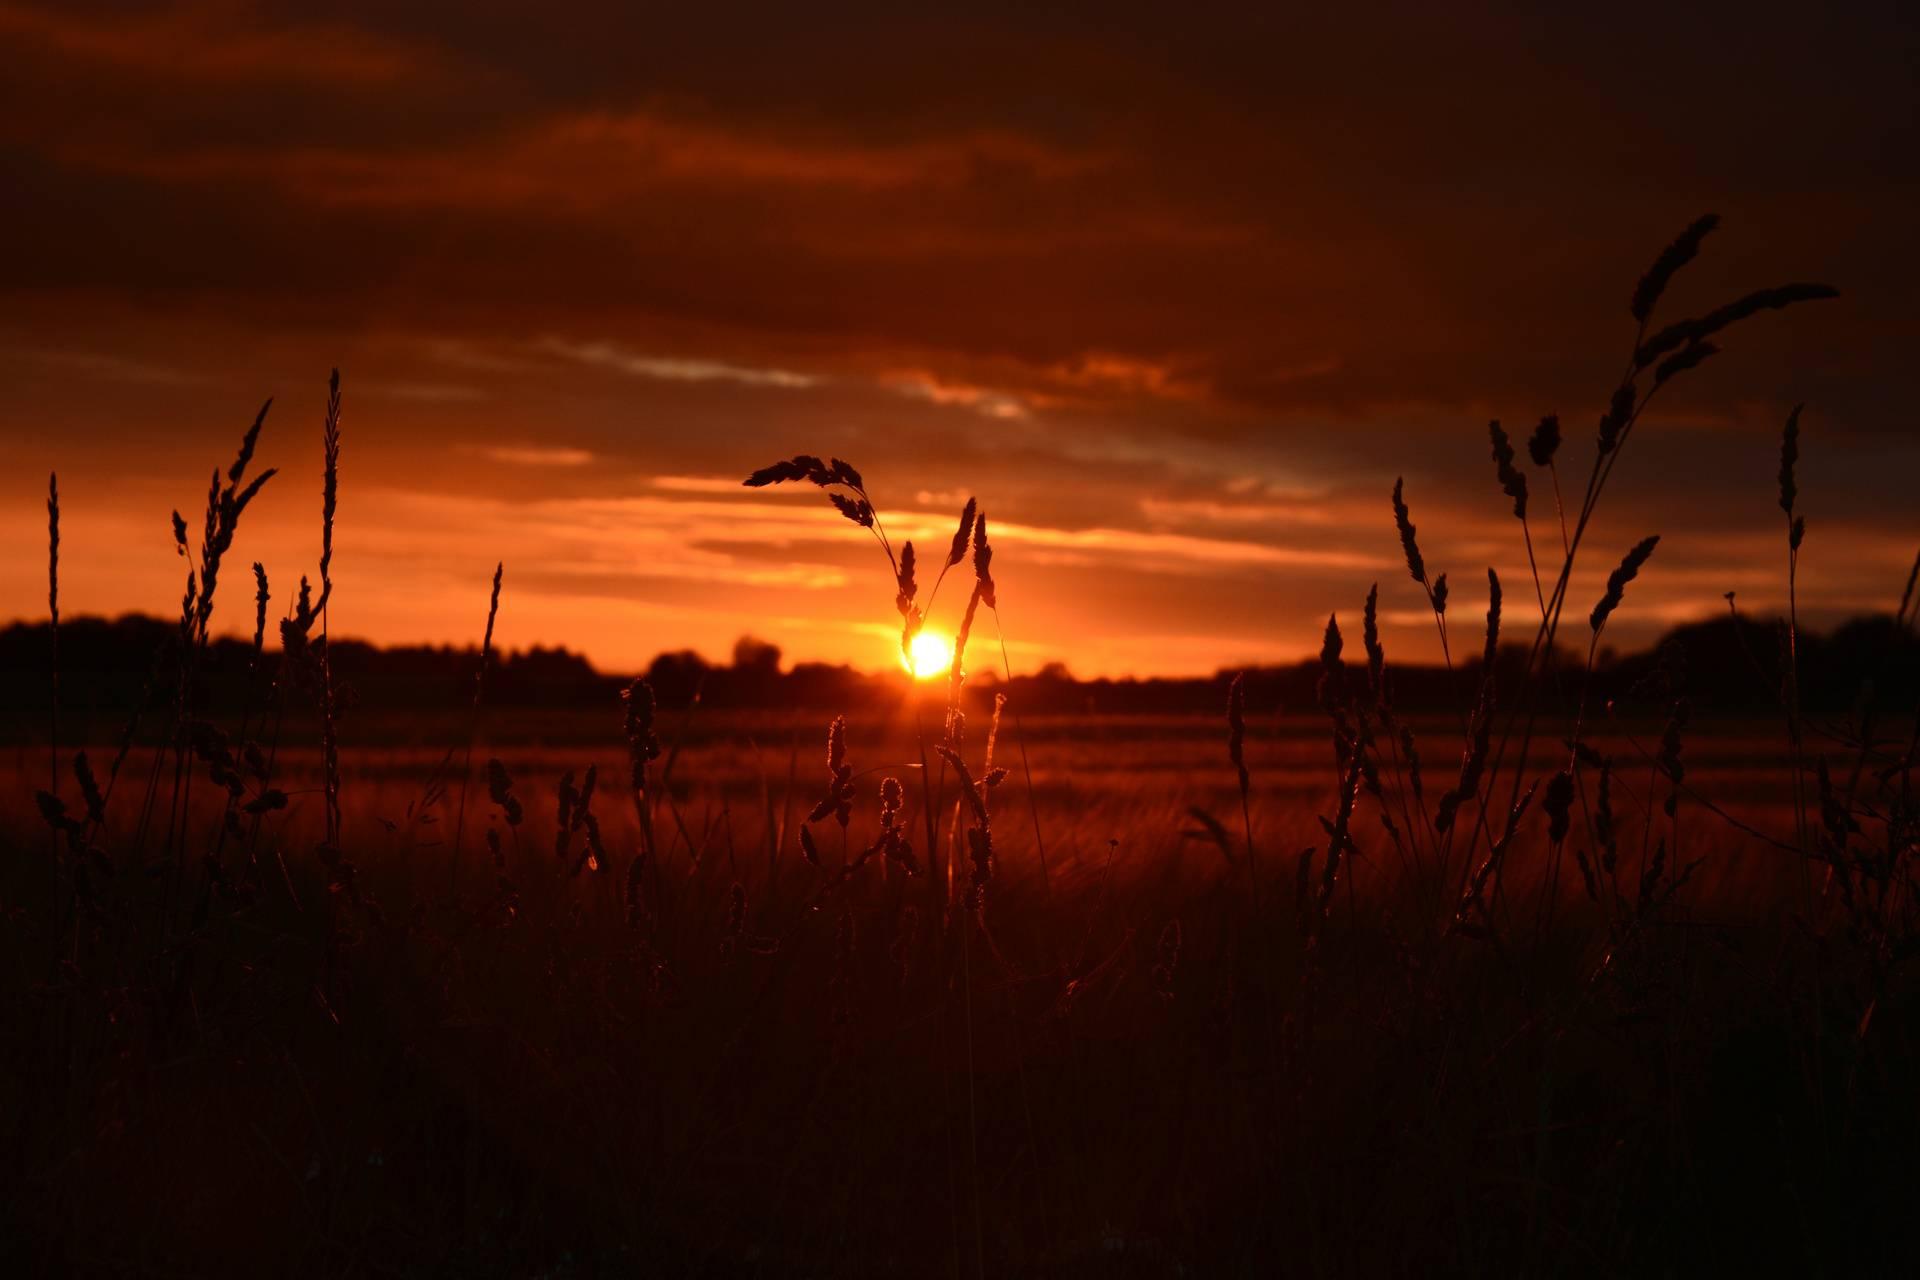 Orange wheat field